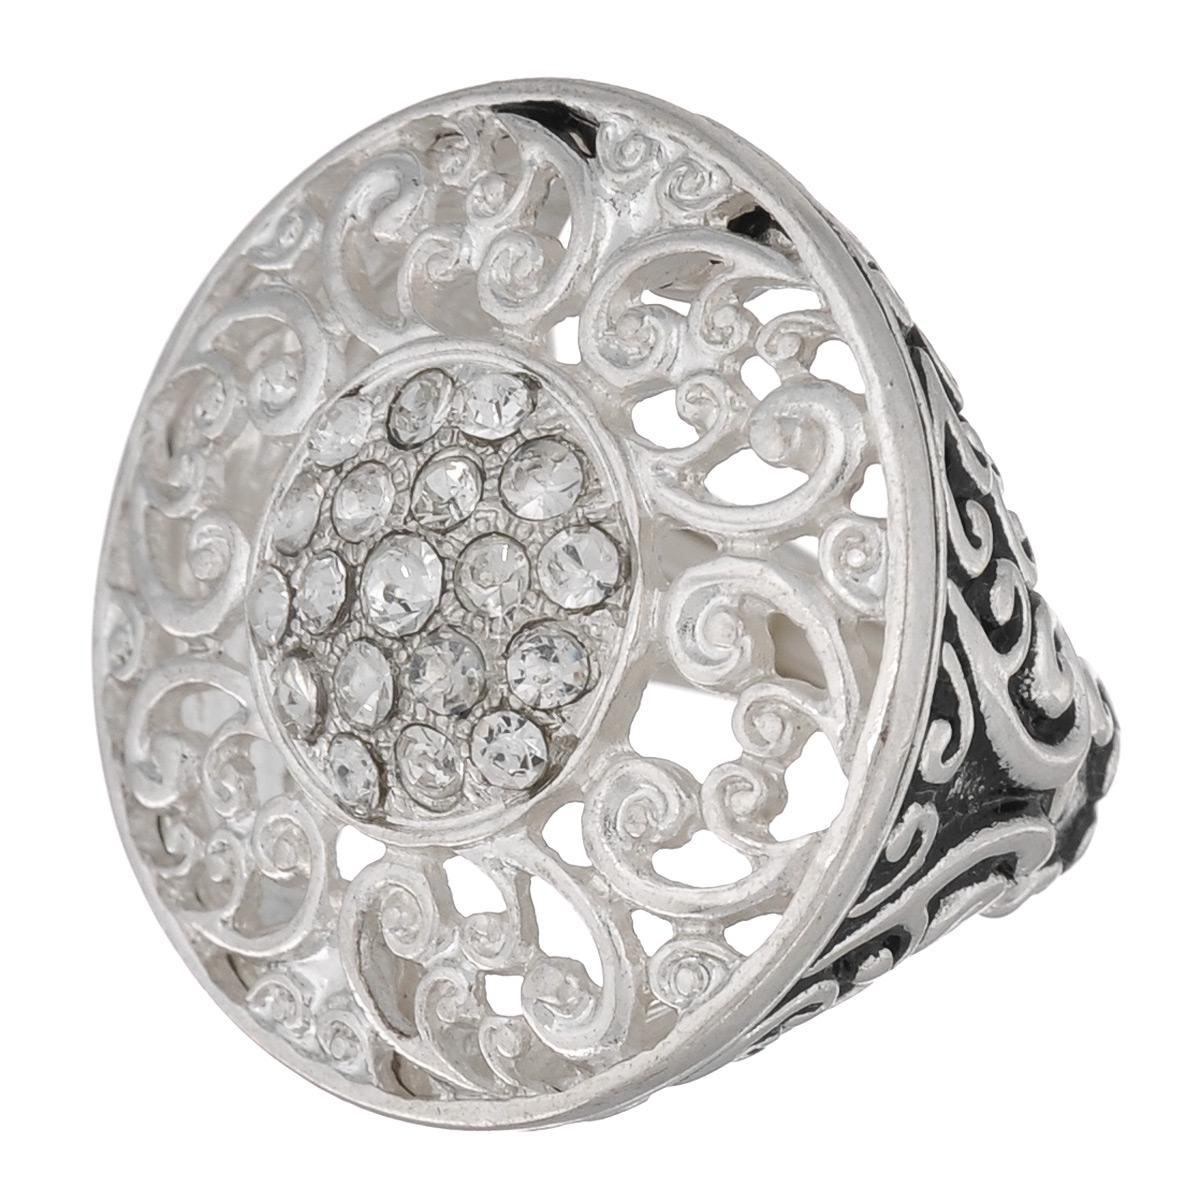 Кольцо Avgad, цвет: серебристый. EA178JW161Коктейльное кольцоОригинальное кольцо Avgad выполненное из ювелирного сплава оформлено рельефом и стразами. Элементы кольца соединены с помощью тонкой резинки, благодаря этому оно легко одевается и снимается. Размер универсальный.Кольцо позволит вам с легкостью воплотить самую смелую фантазию и создать собственный, неповторимый образ.